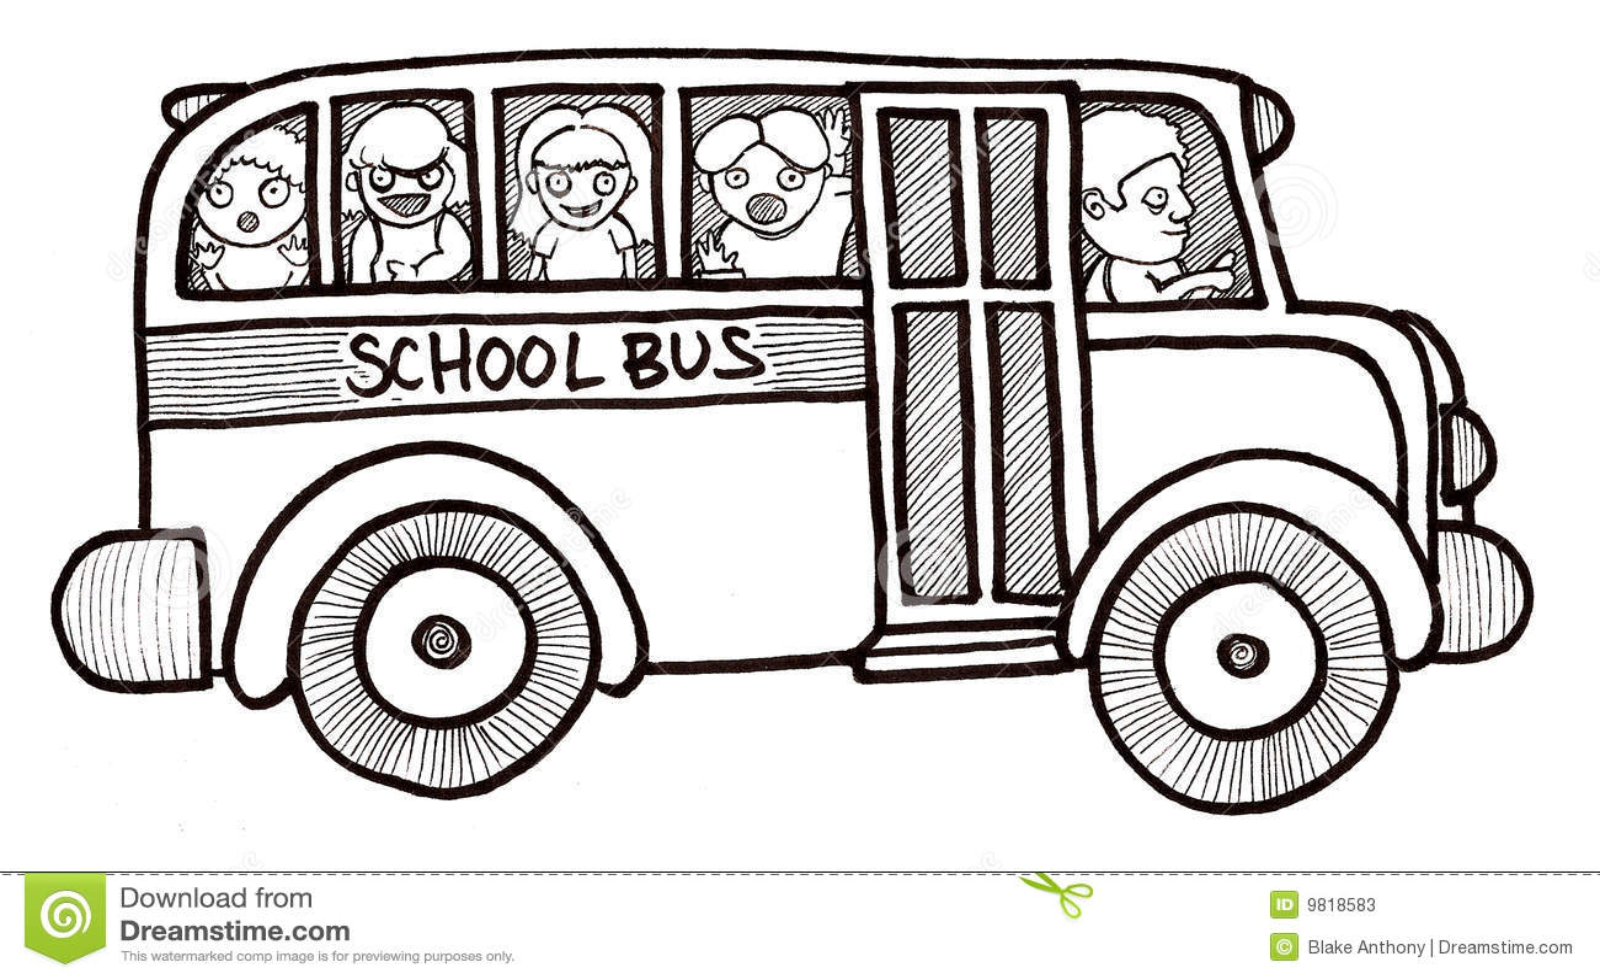 School Bus Children Black And White Stock Illustration